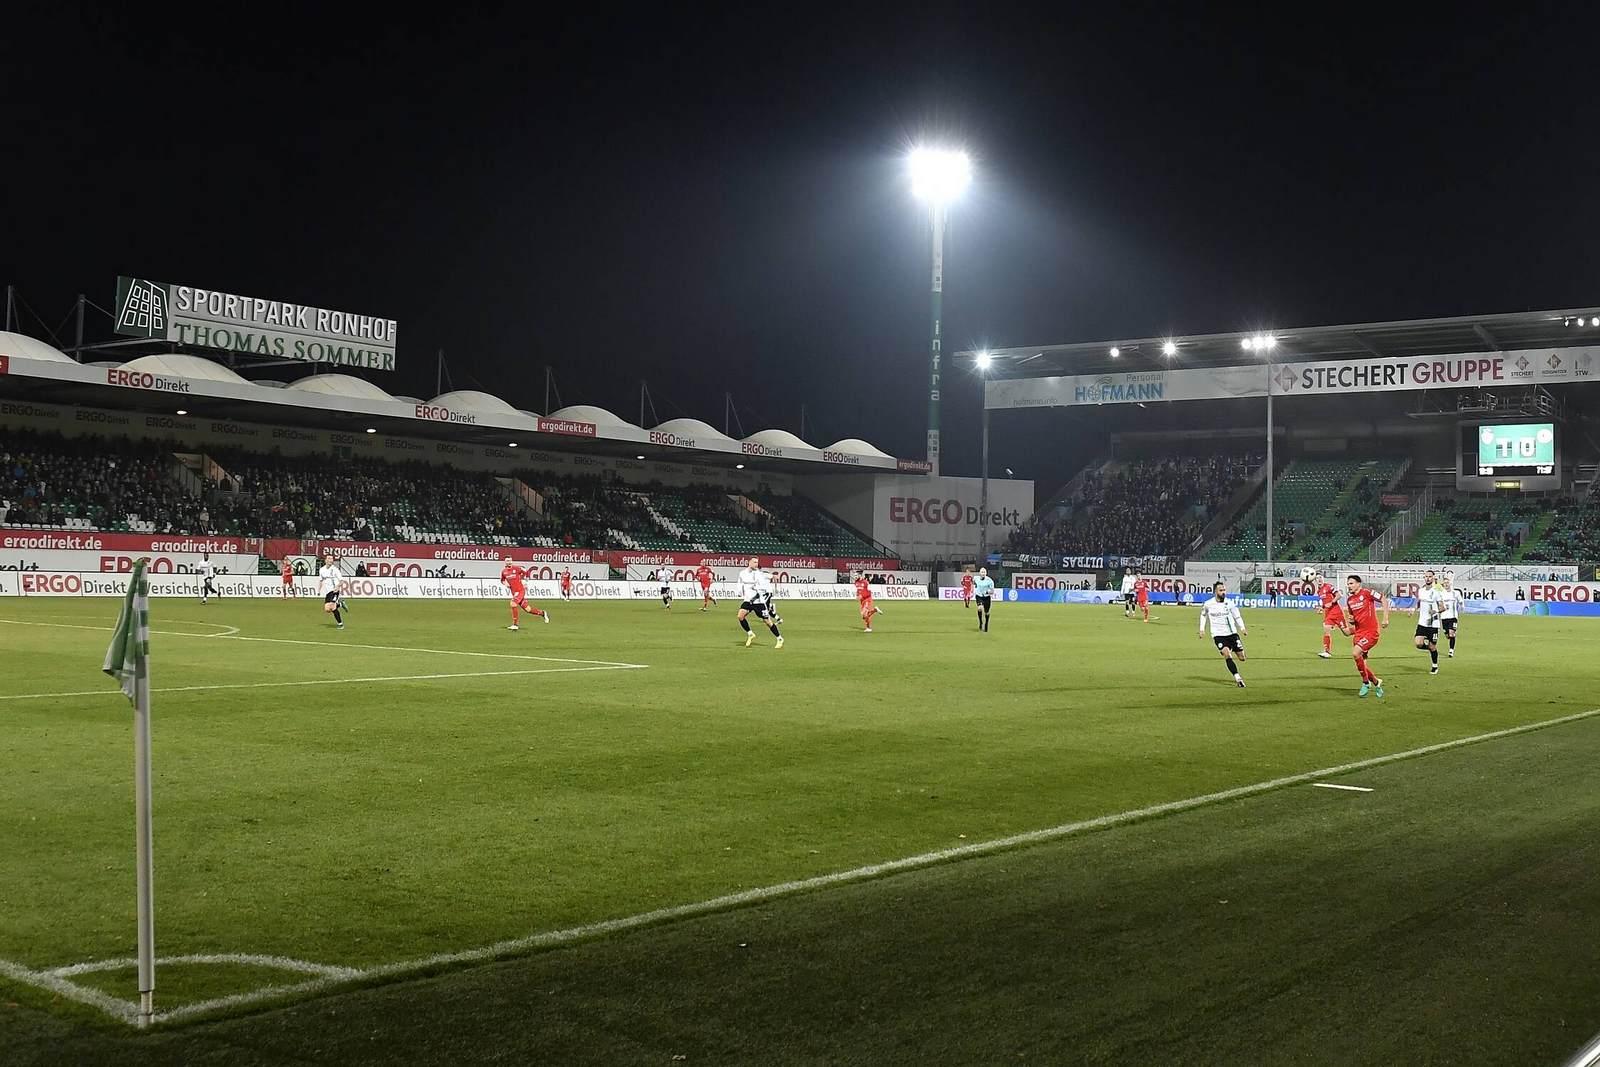 Der Sportpark Ronhof, das Stadion in Fürth